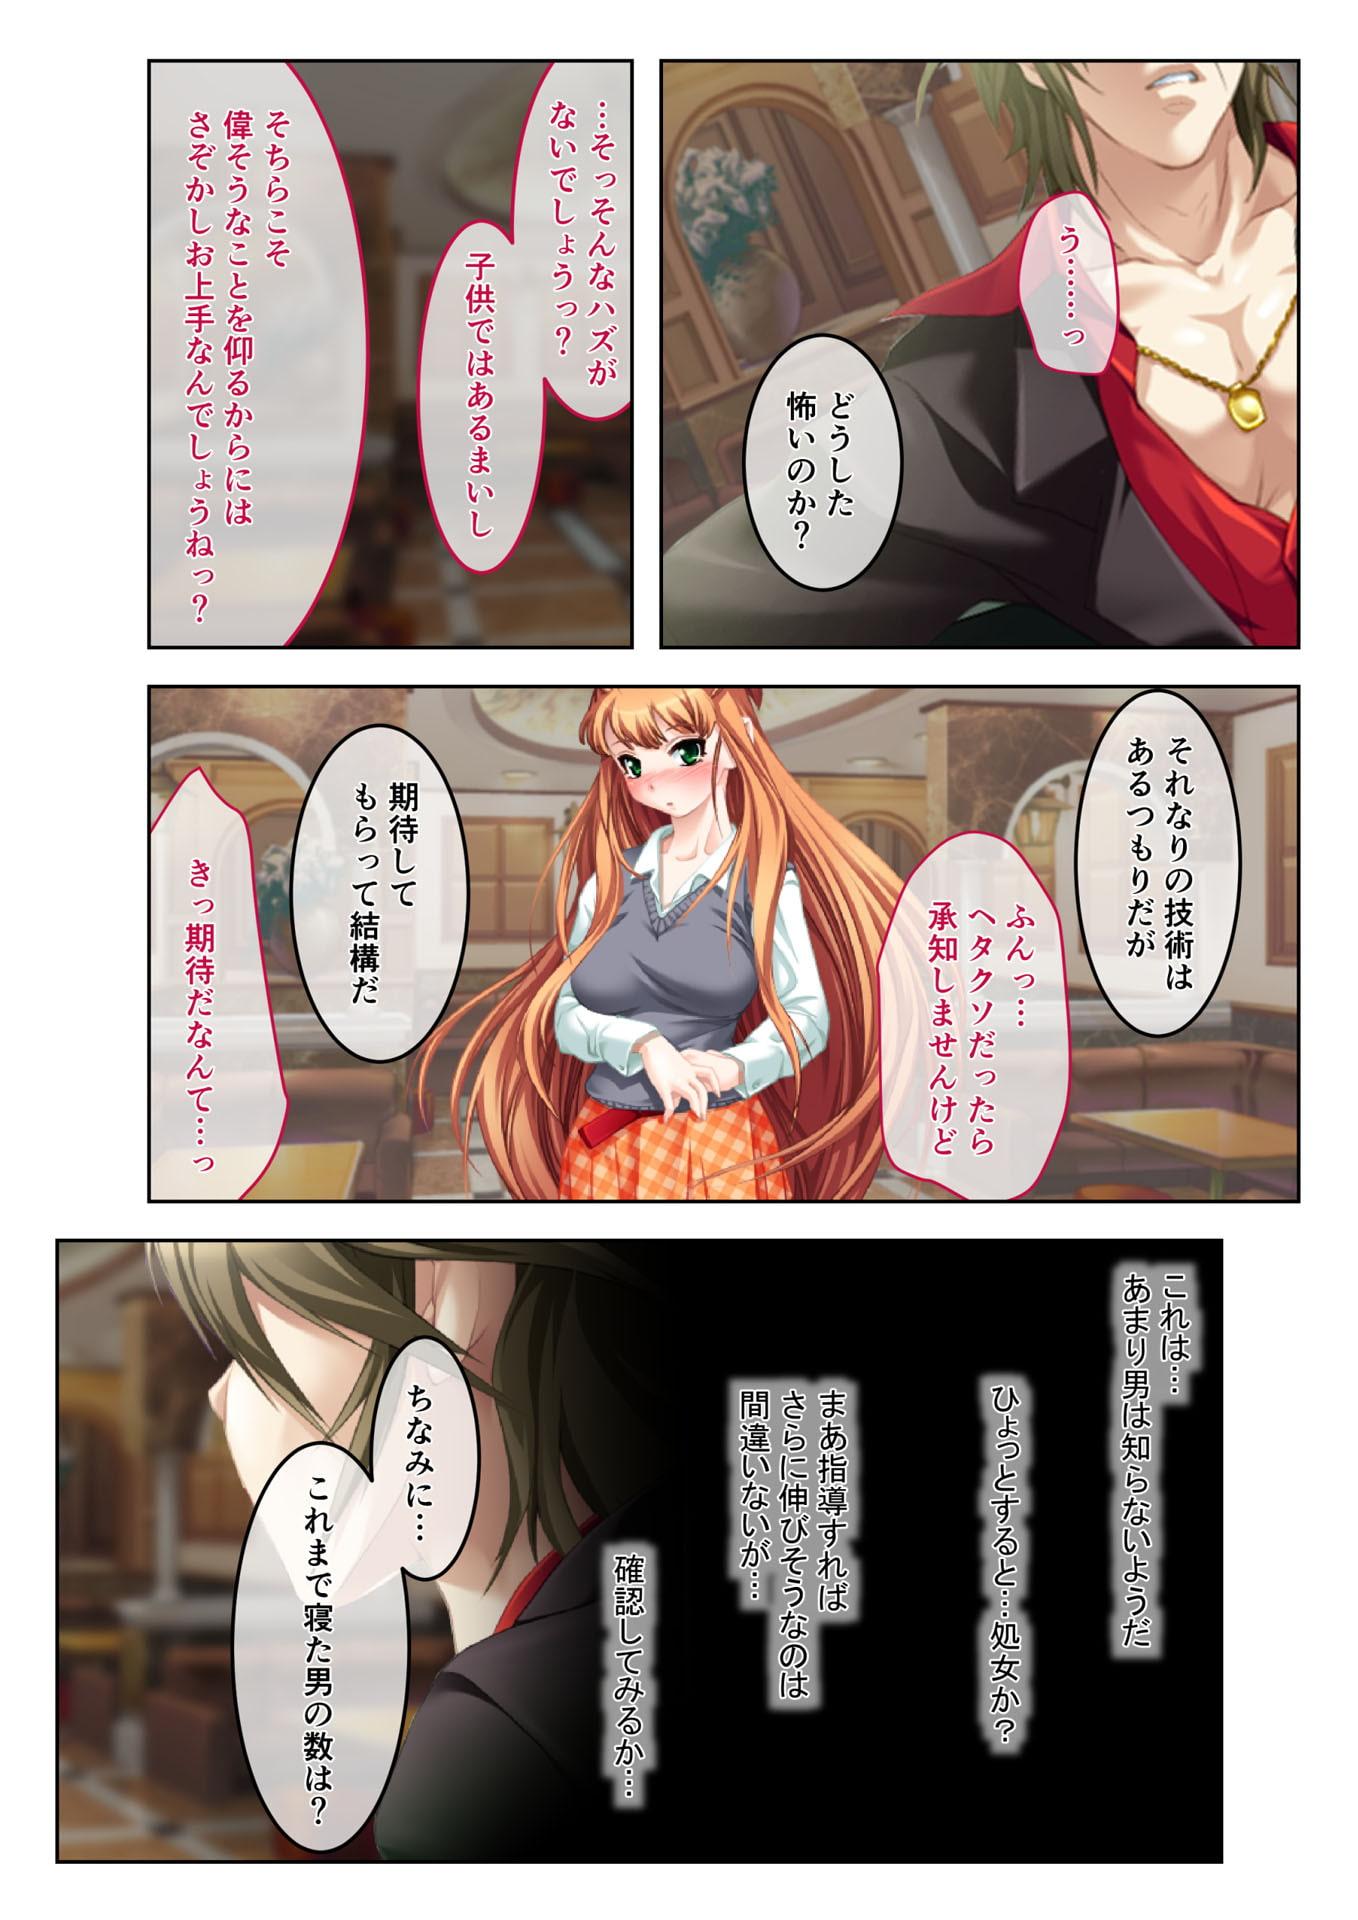 イクまで徹底性指導~生意気キャバ嬢を従順にする方法~(6) フルカラーコミック版